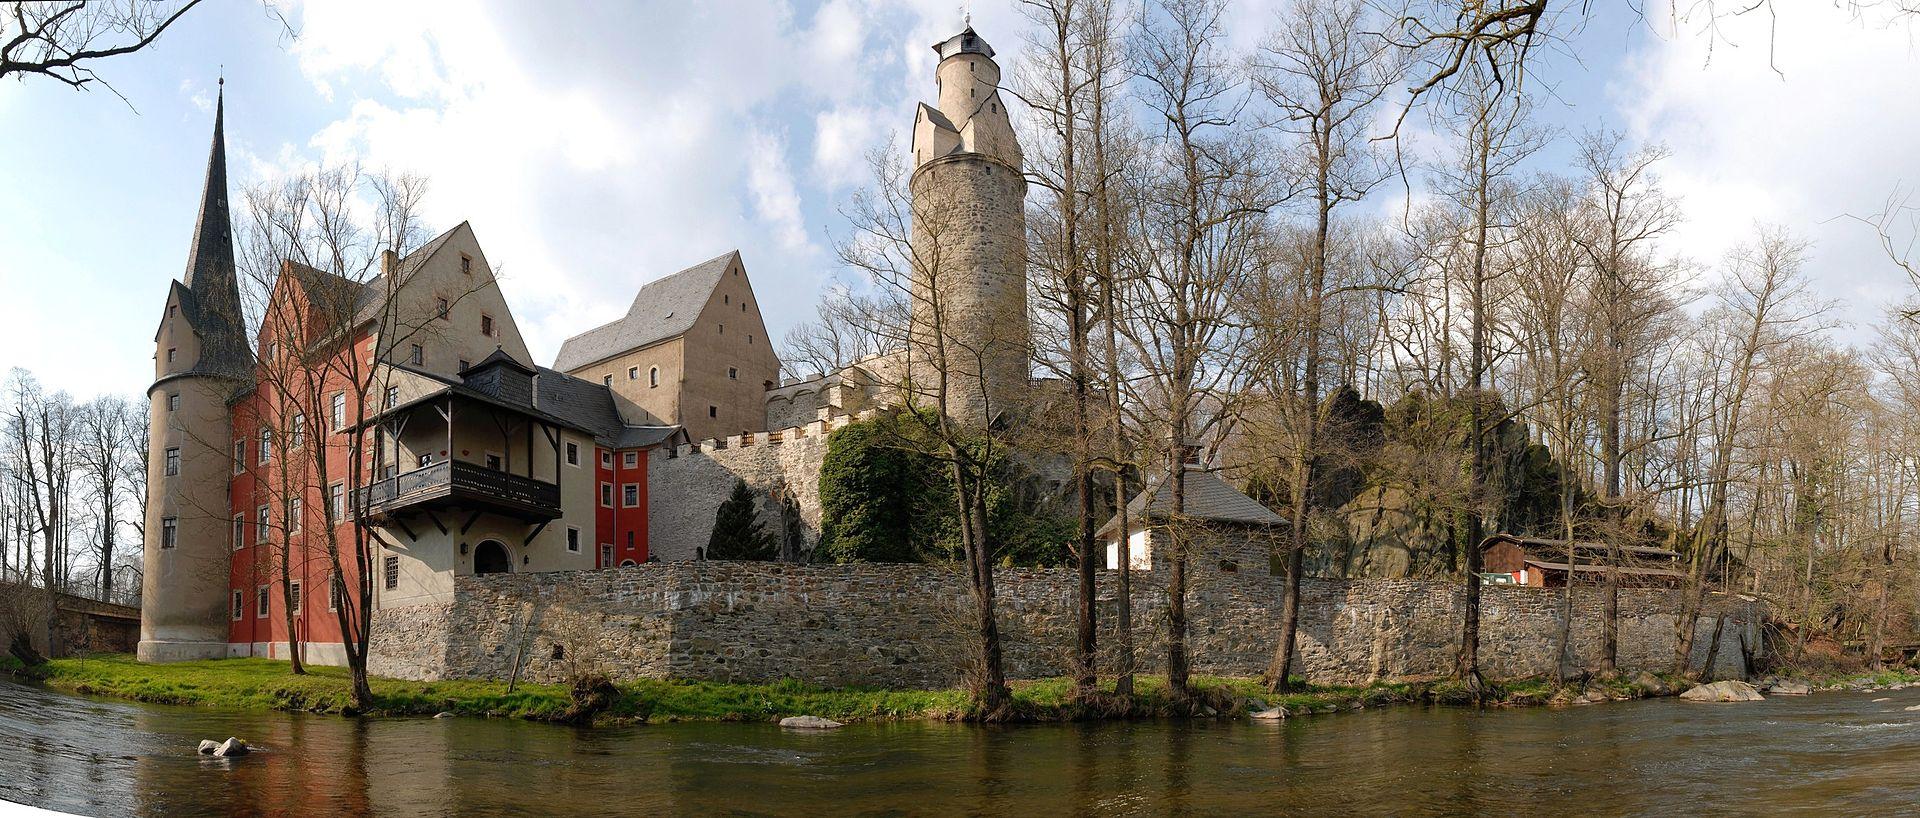 Bild Burg Stein Hartenstein